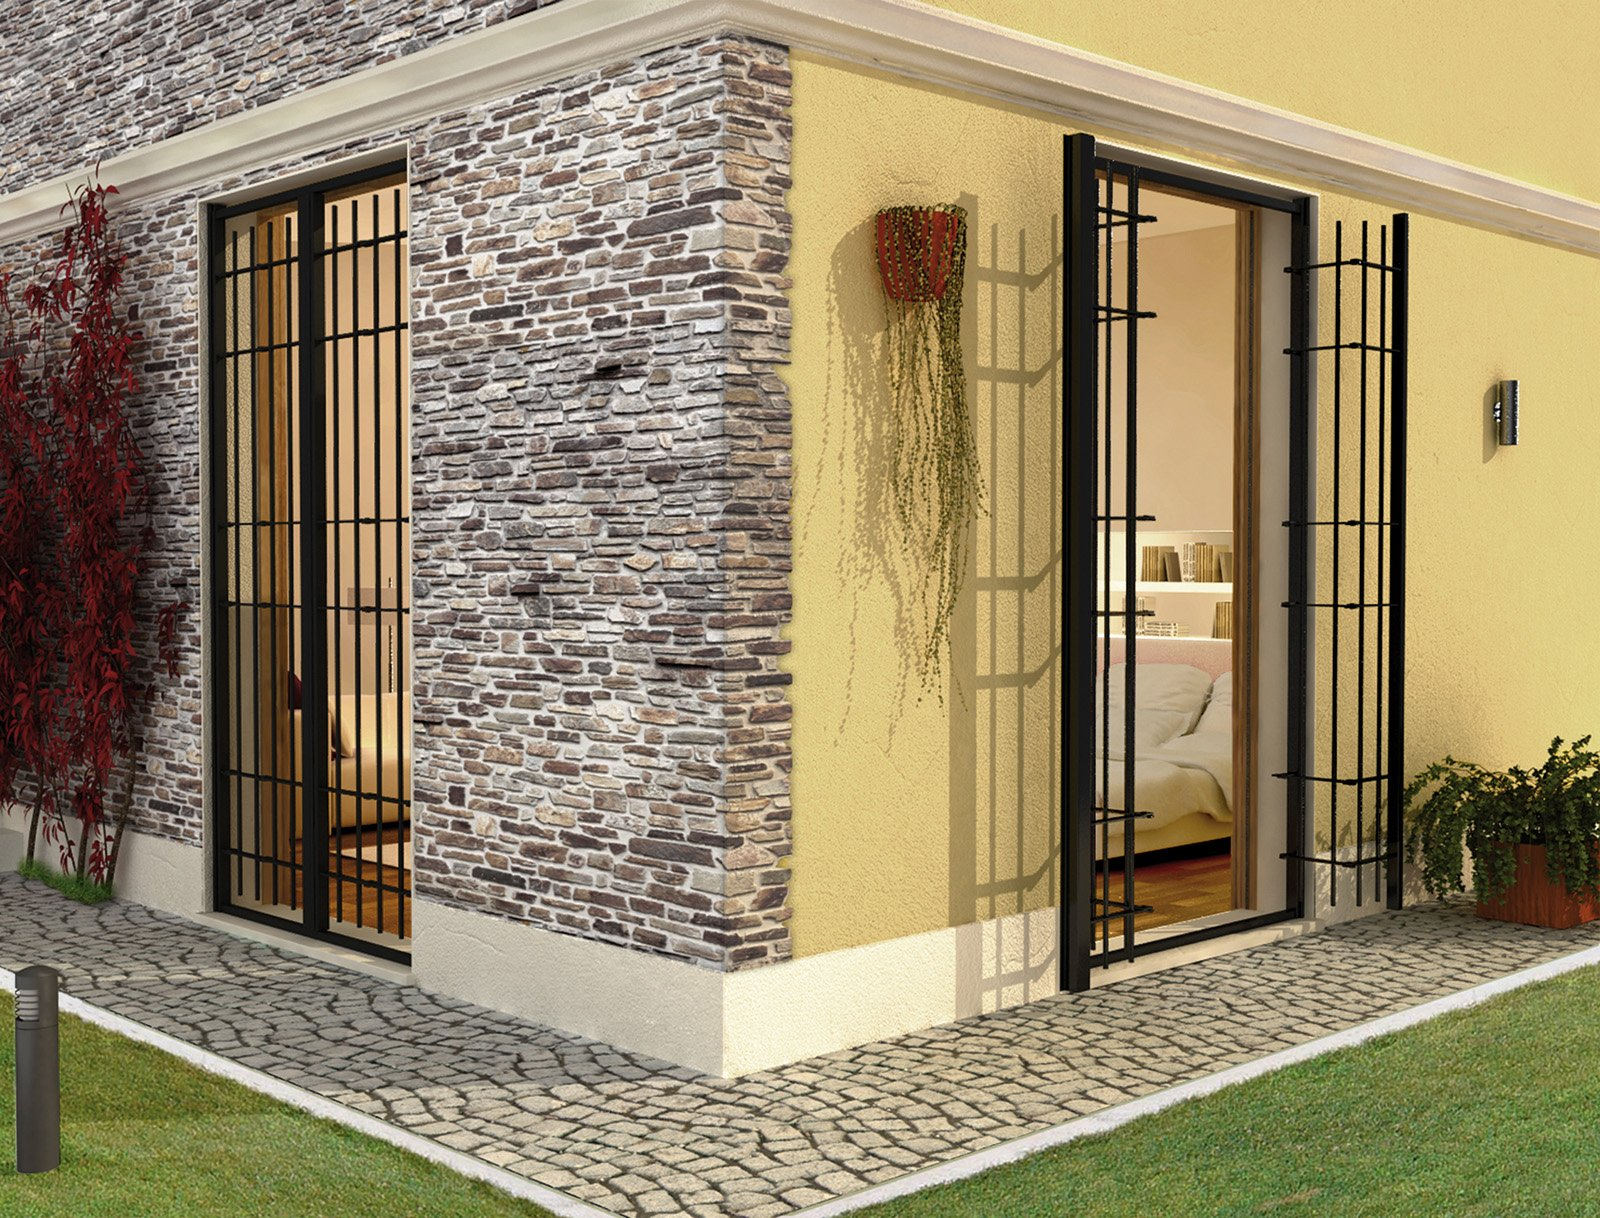 Sicurezza in casa con le inferriate alle finestre cose for Immagini di casa